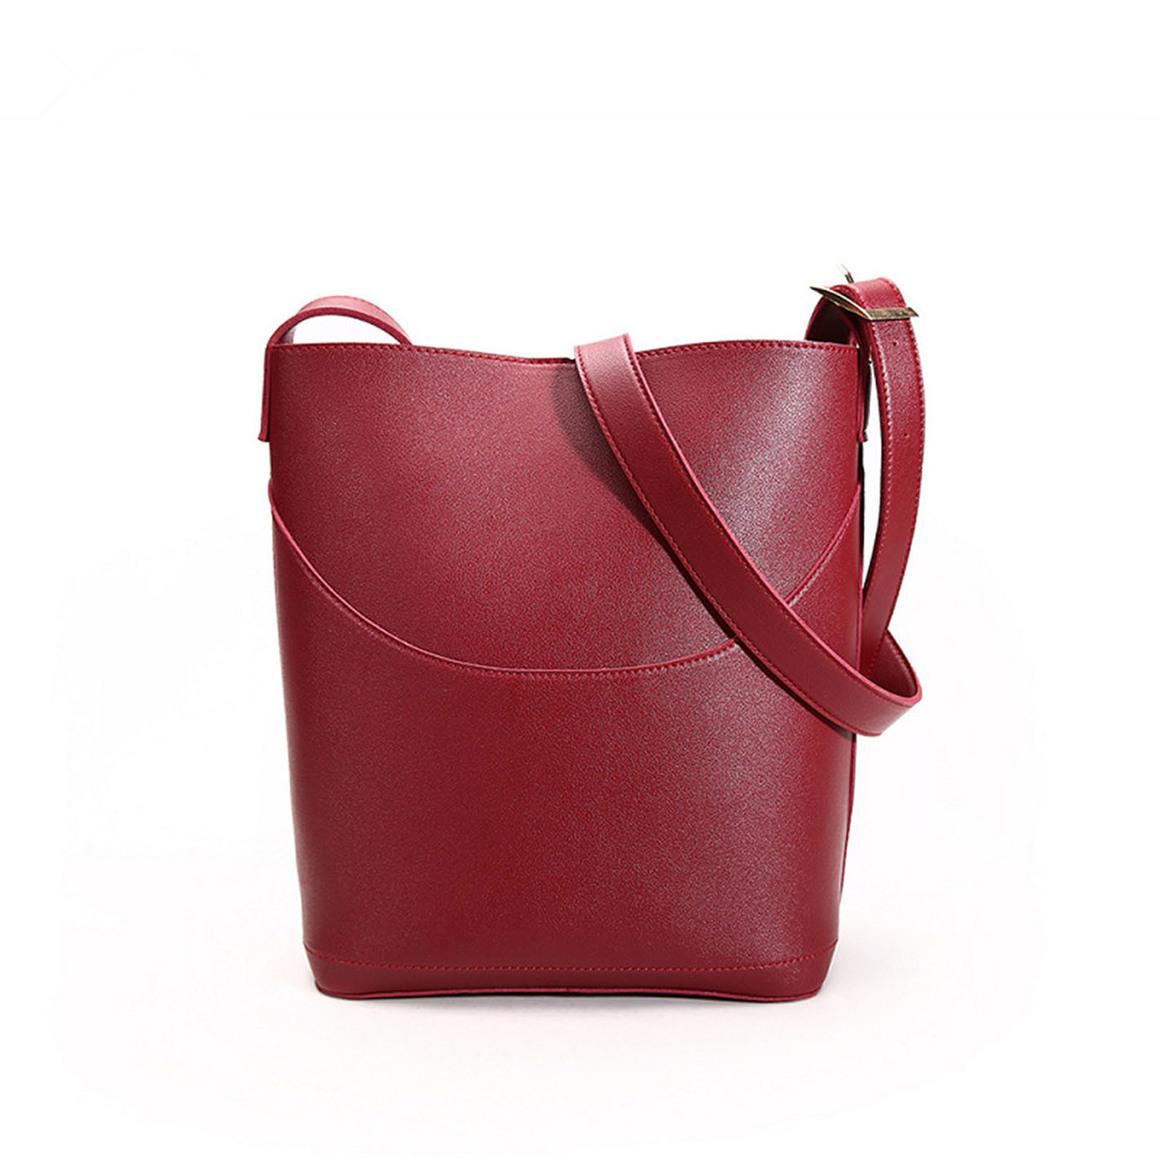 THSB1016: Shiraz:  Eva Bucket Tote Bag | Trada Marketplace